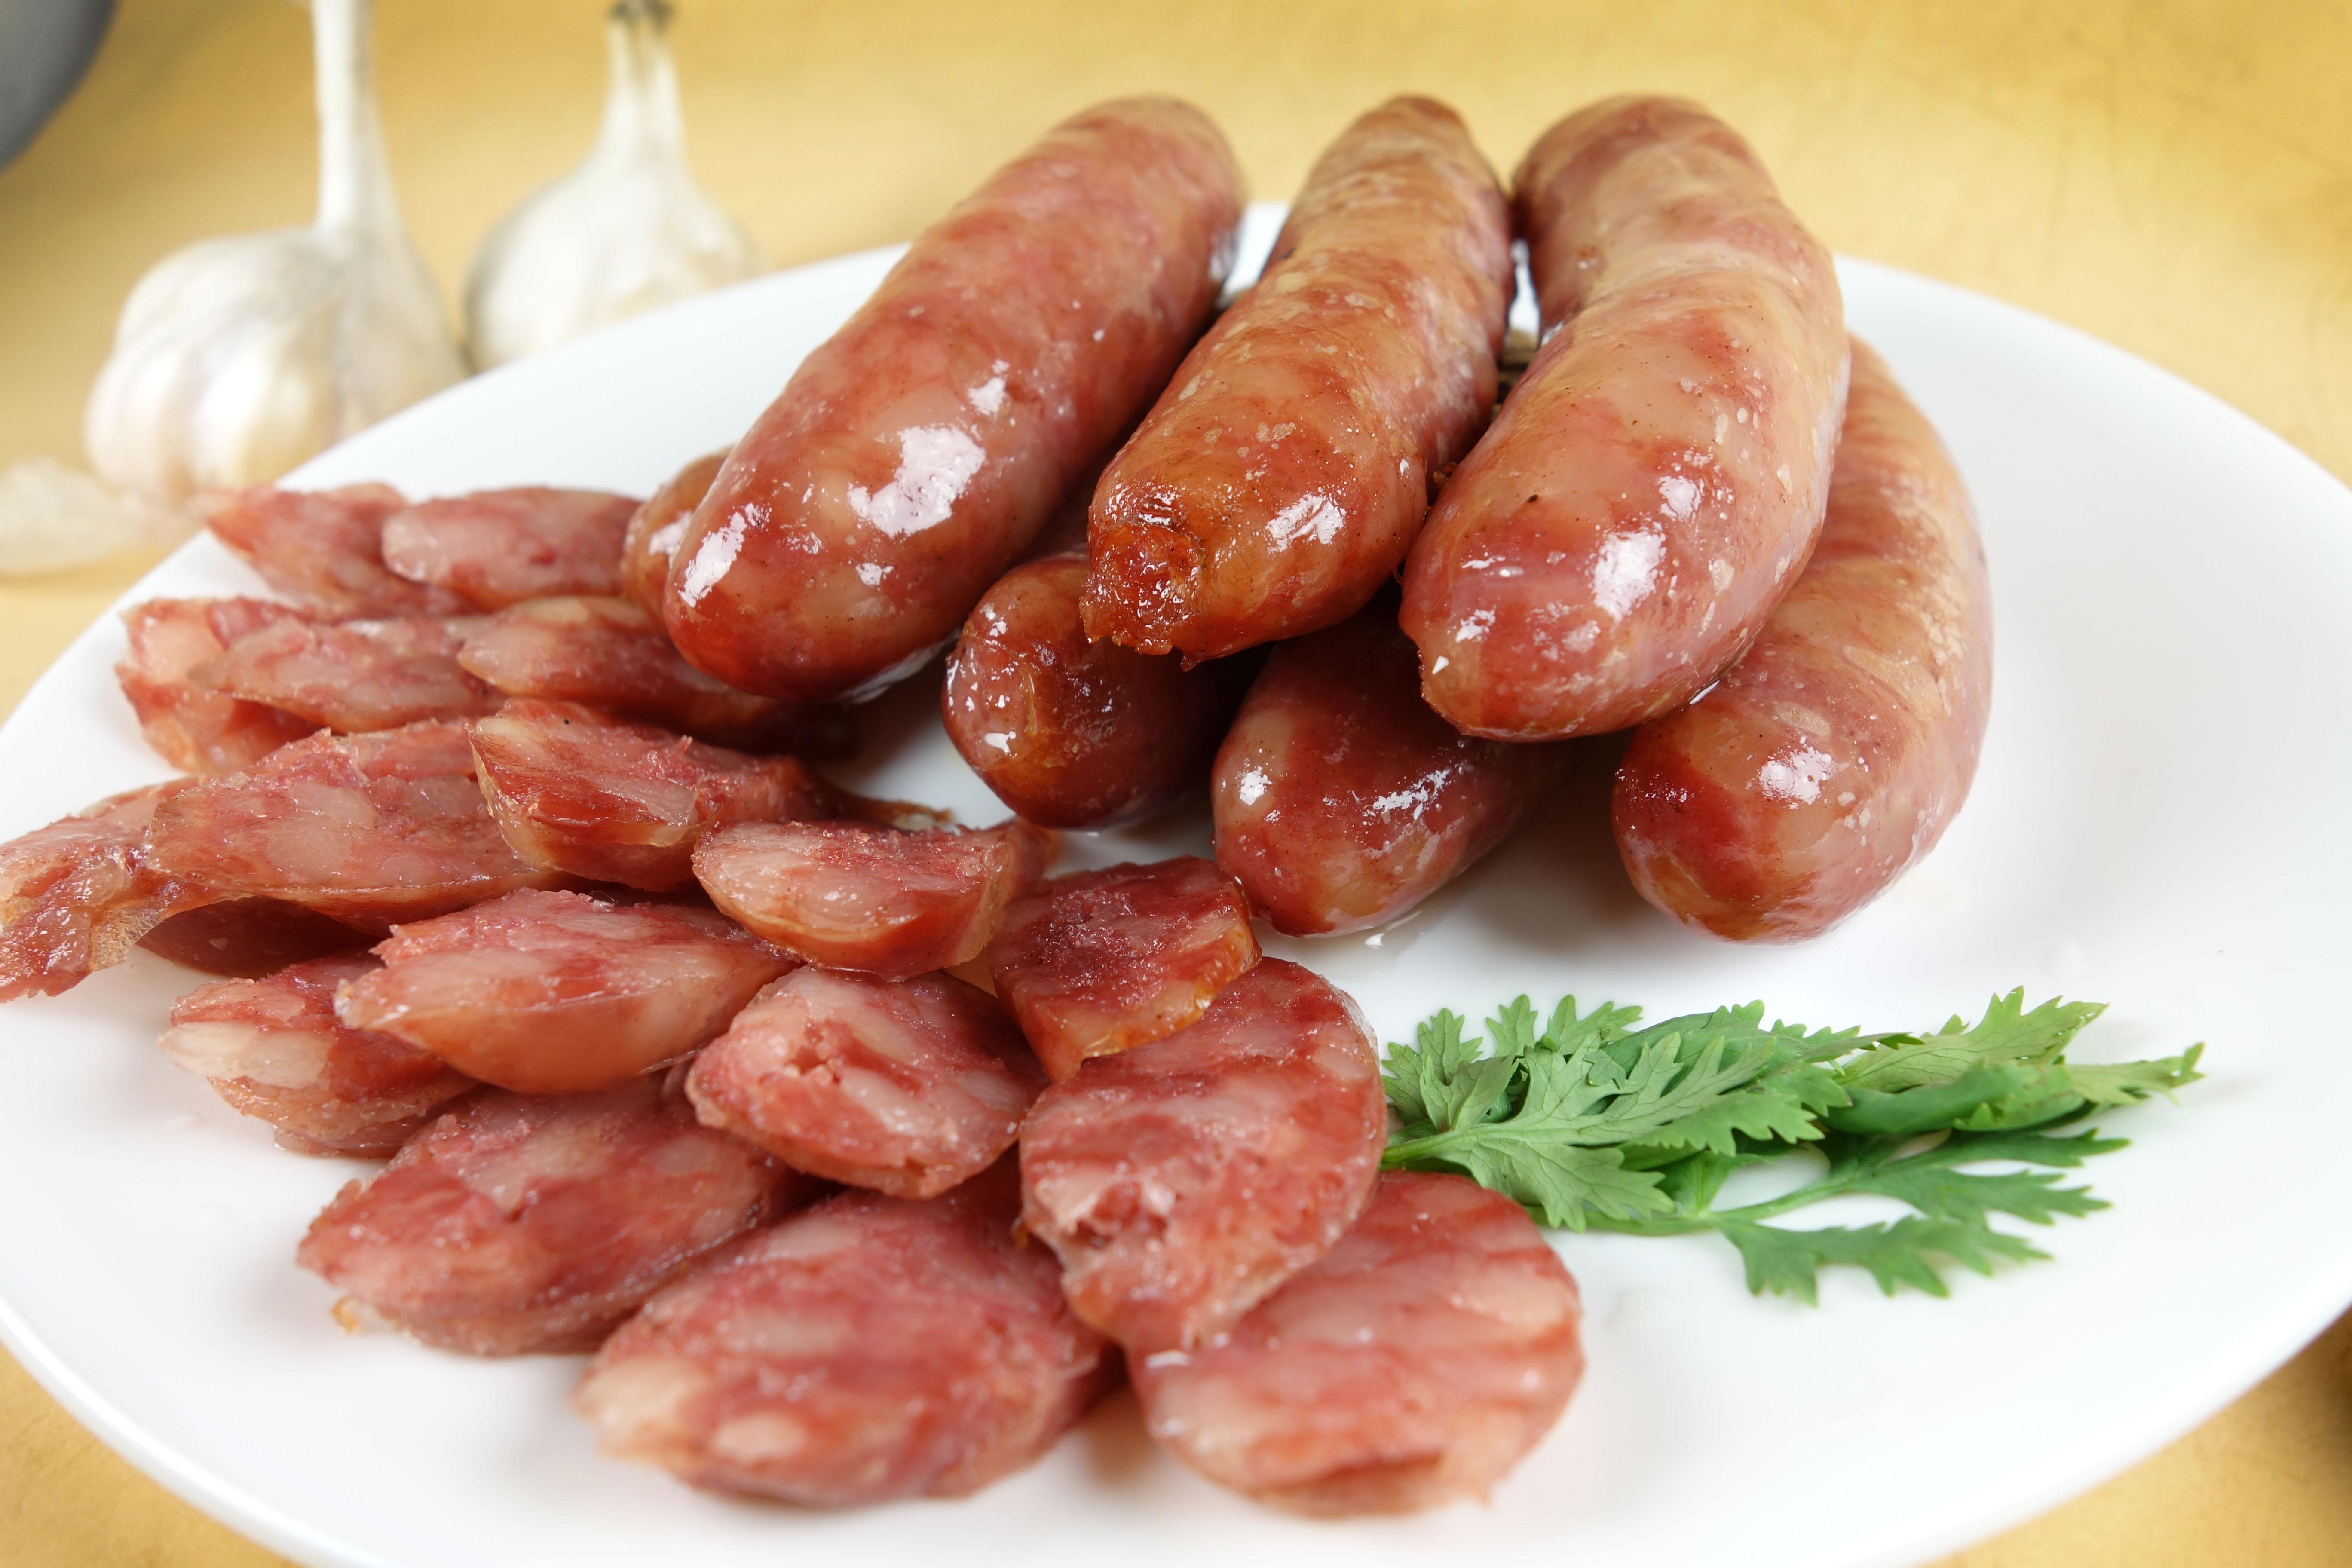 紅麴原味香腸1斤/盒   (600g/12-13條)不含禮盒